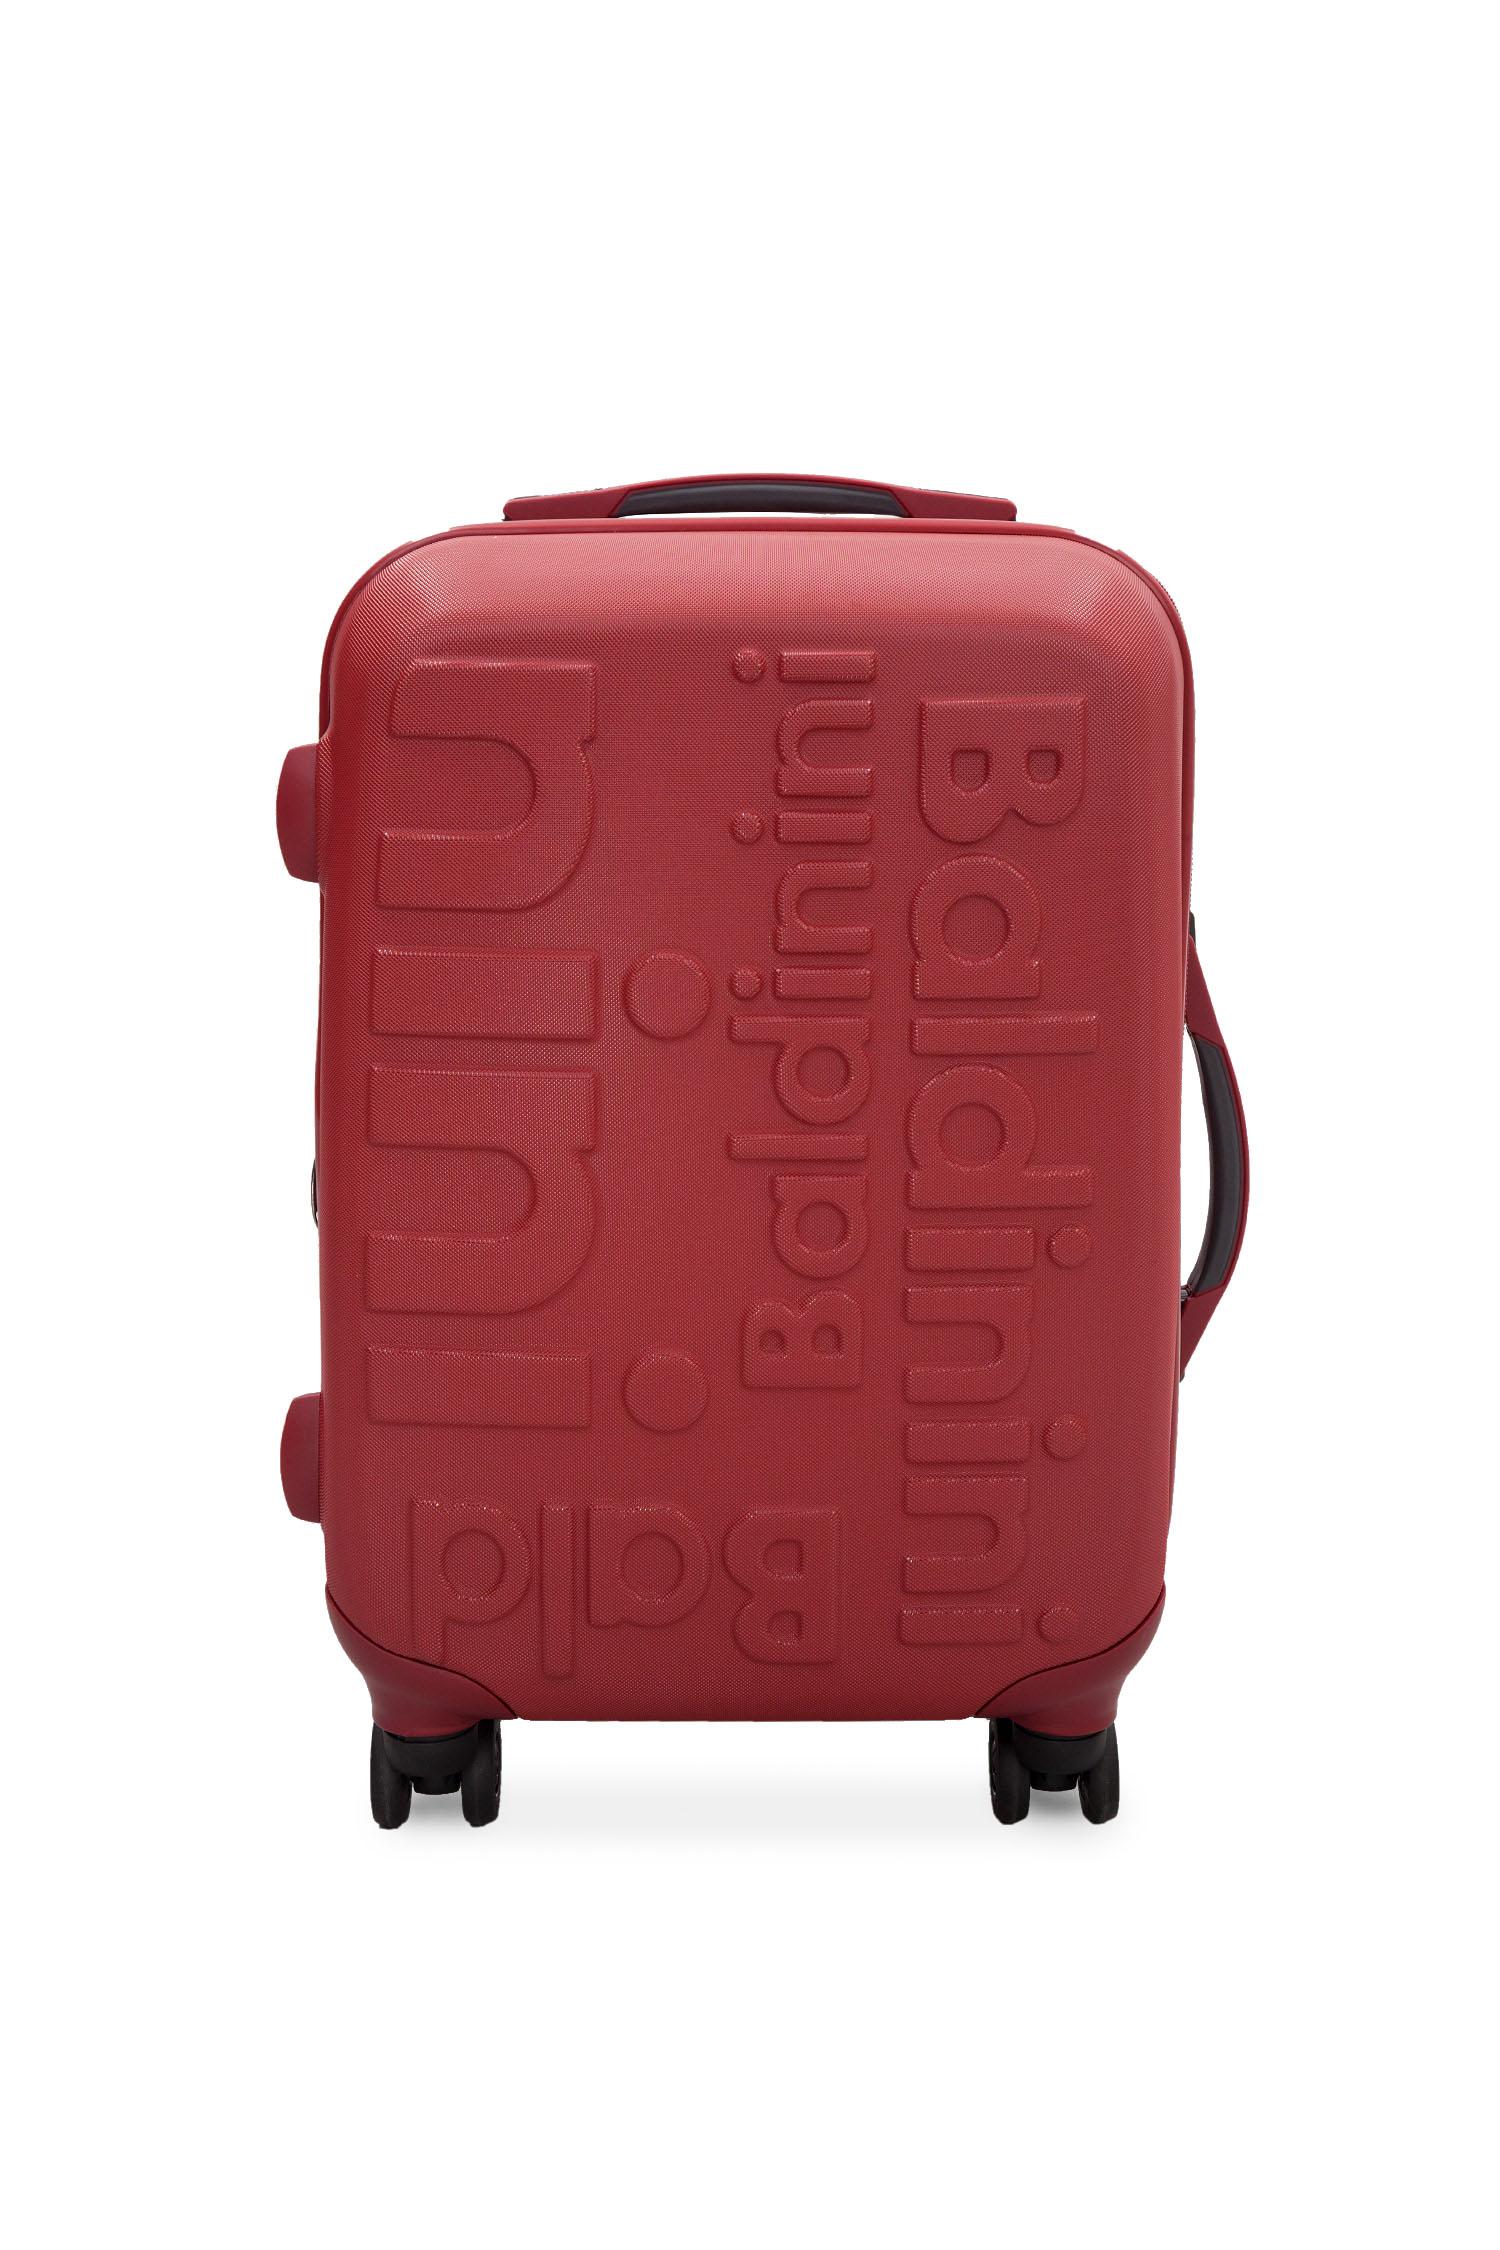 Красный пластиковый чемодан на колесиках Baldinini SK315SM;70